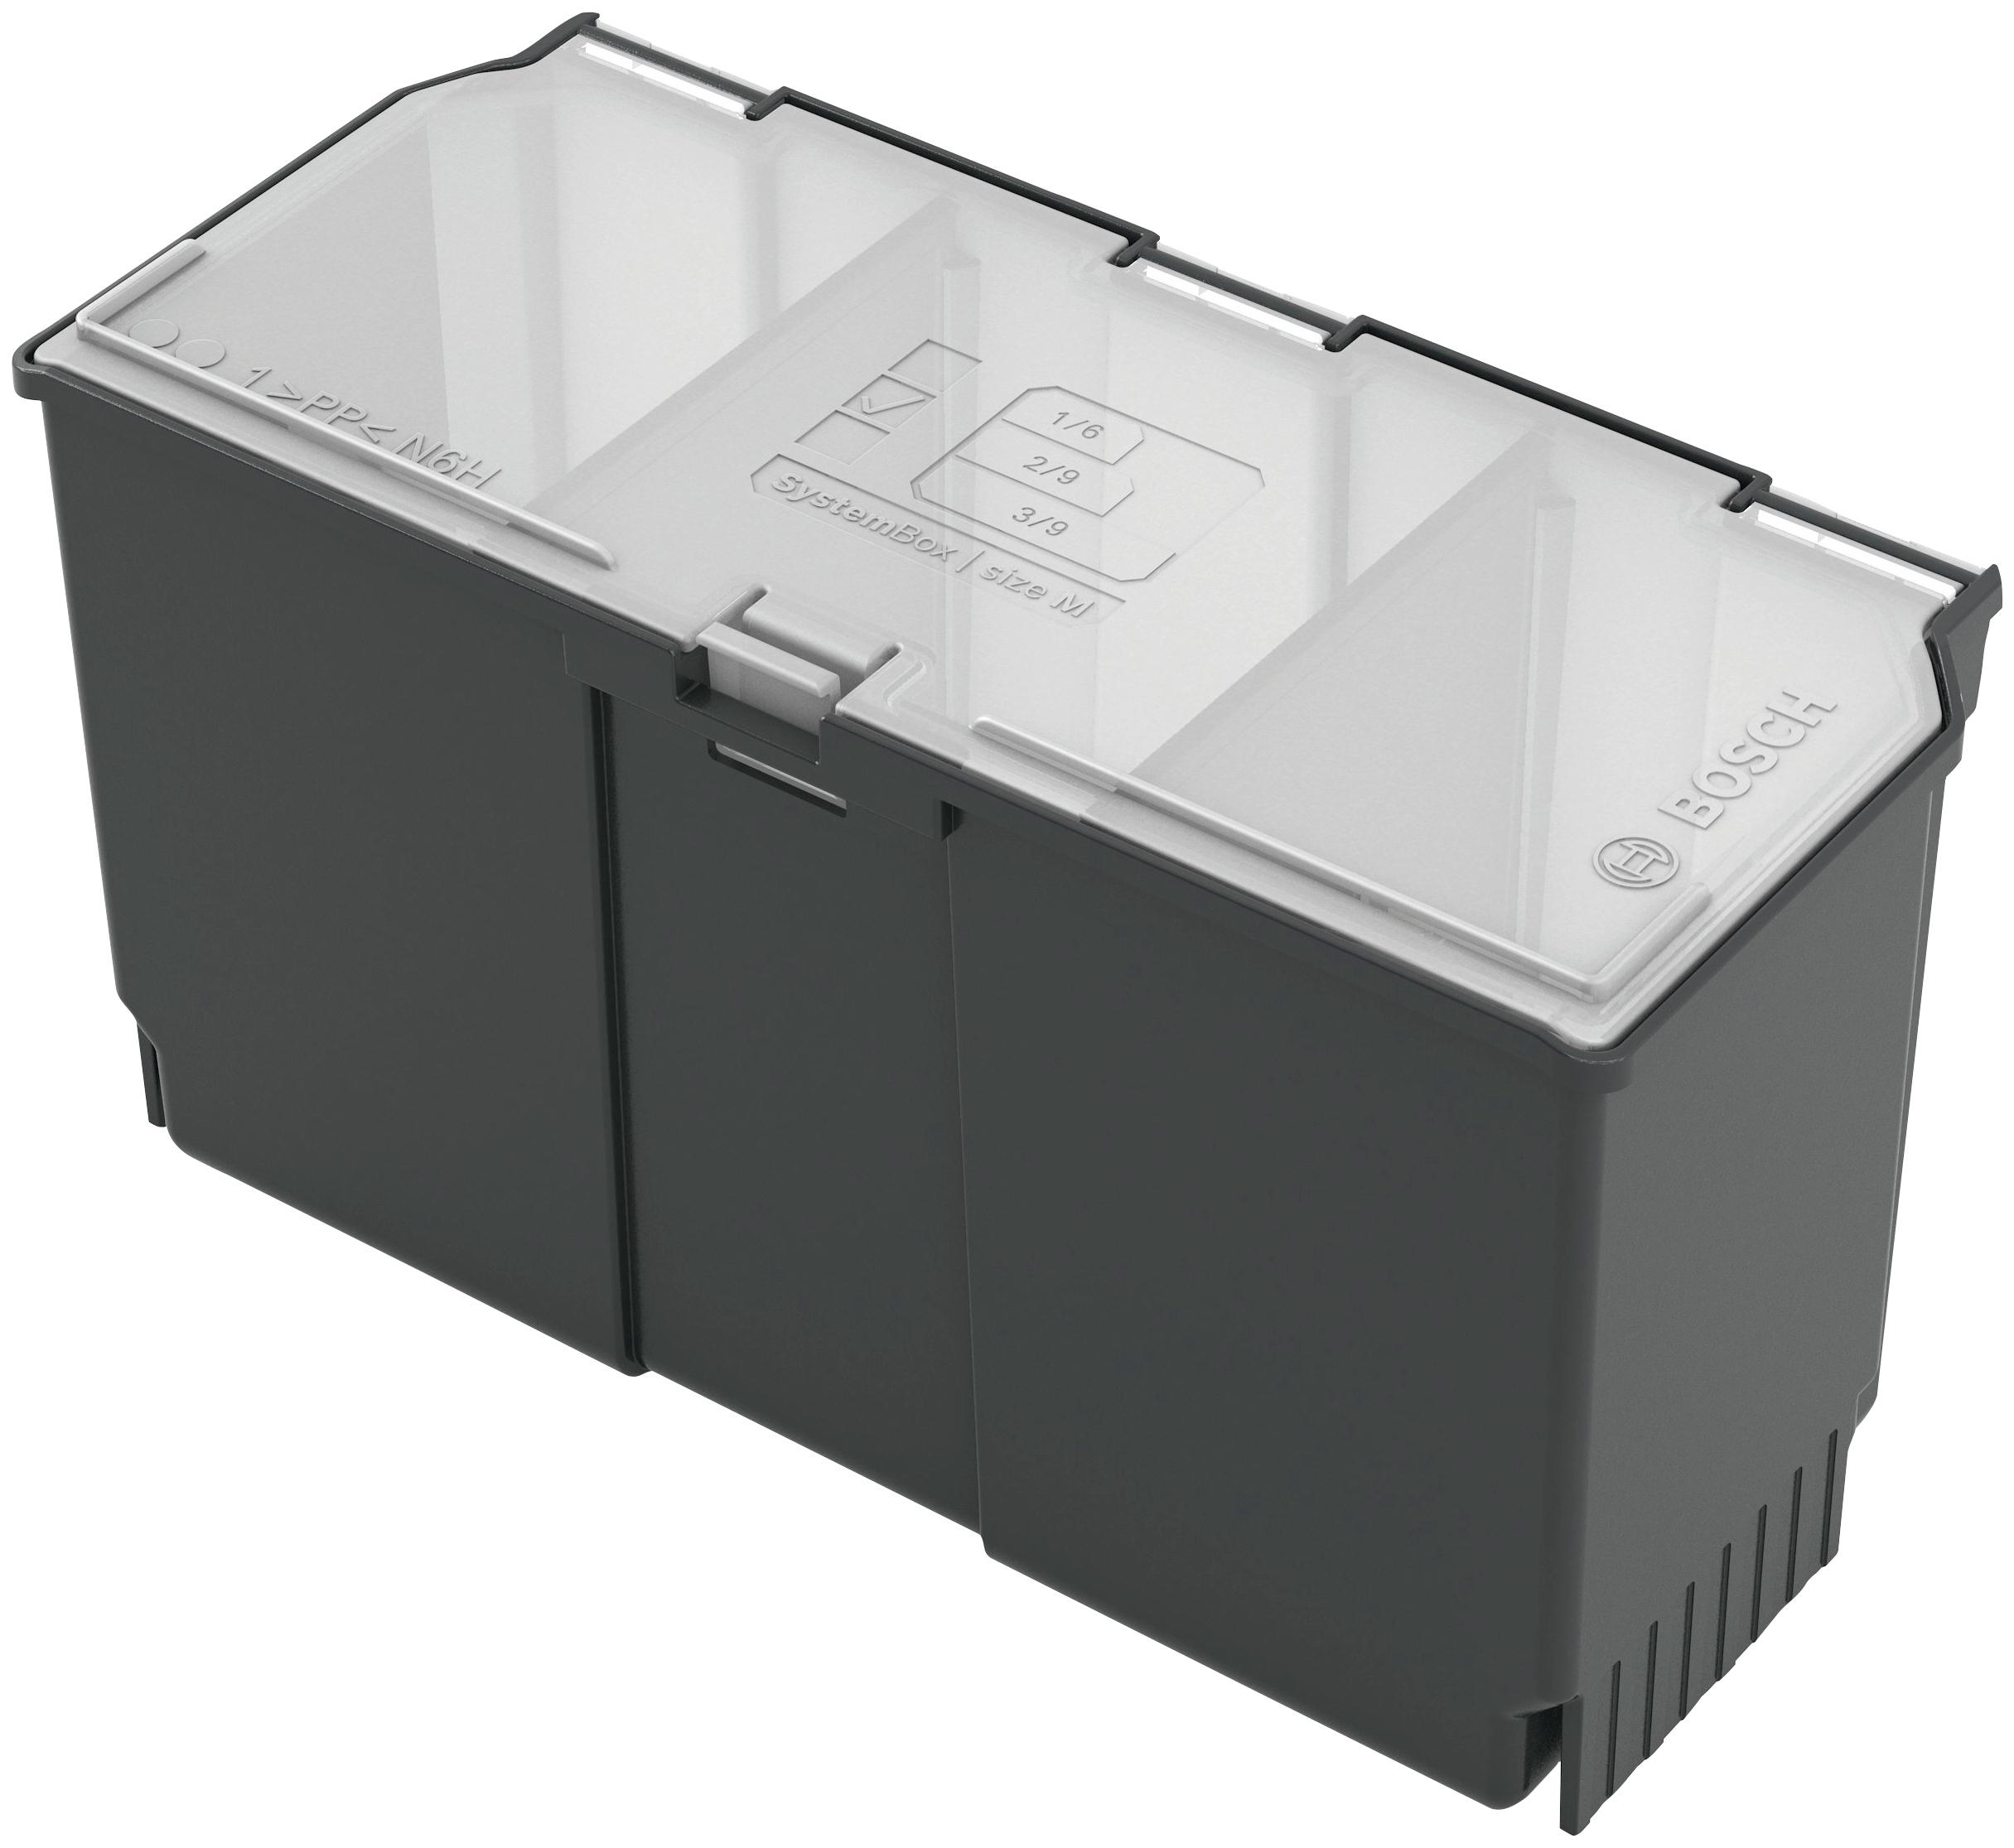 BOSCH Aufbewahrungsbox Zubehörbox mittel, (1 St.) schwarz Kleideraufbewahrung Aufbewahrung Ordnung Wohnaccessoires